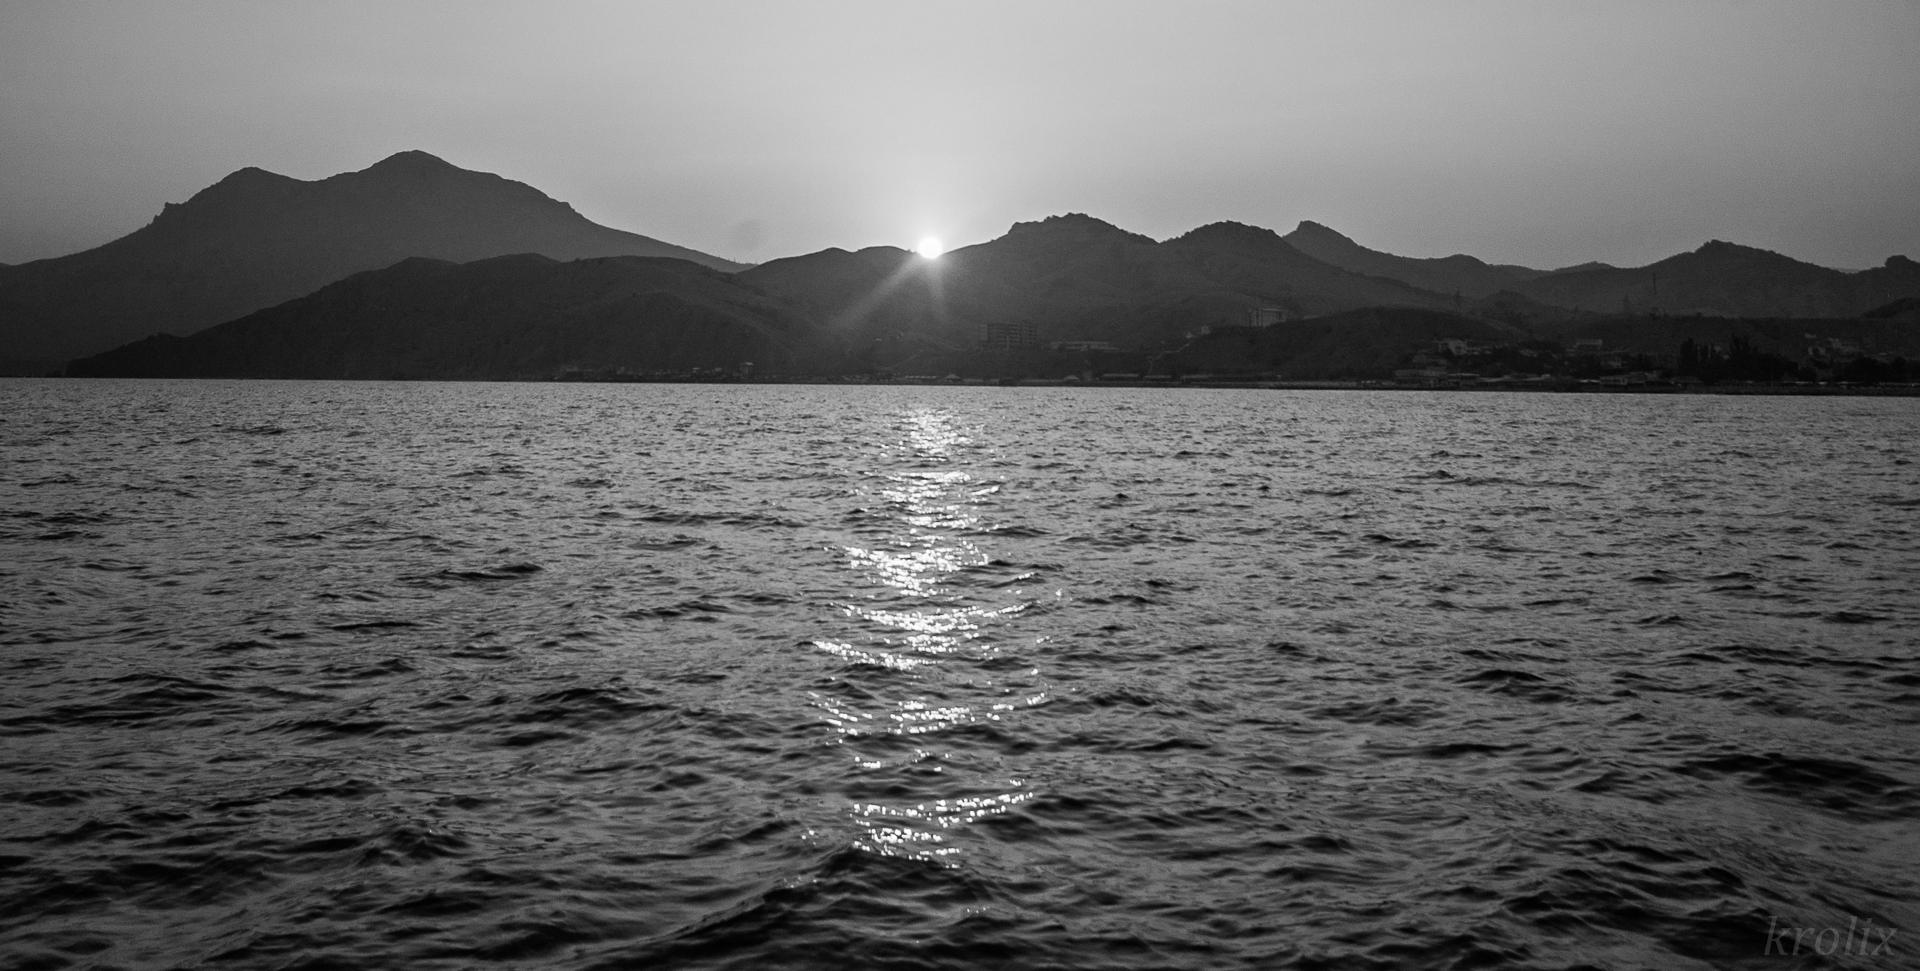 Солнце ложится ровно в ложбинку между пиками, а мы плывём по прохладе домой.